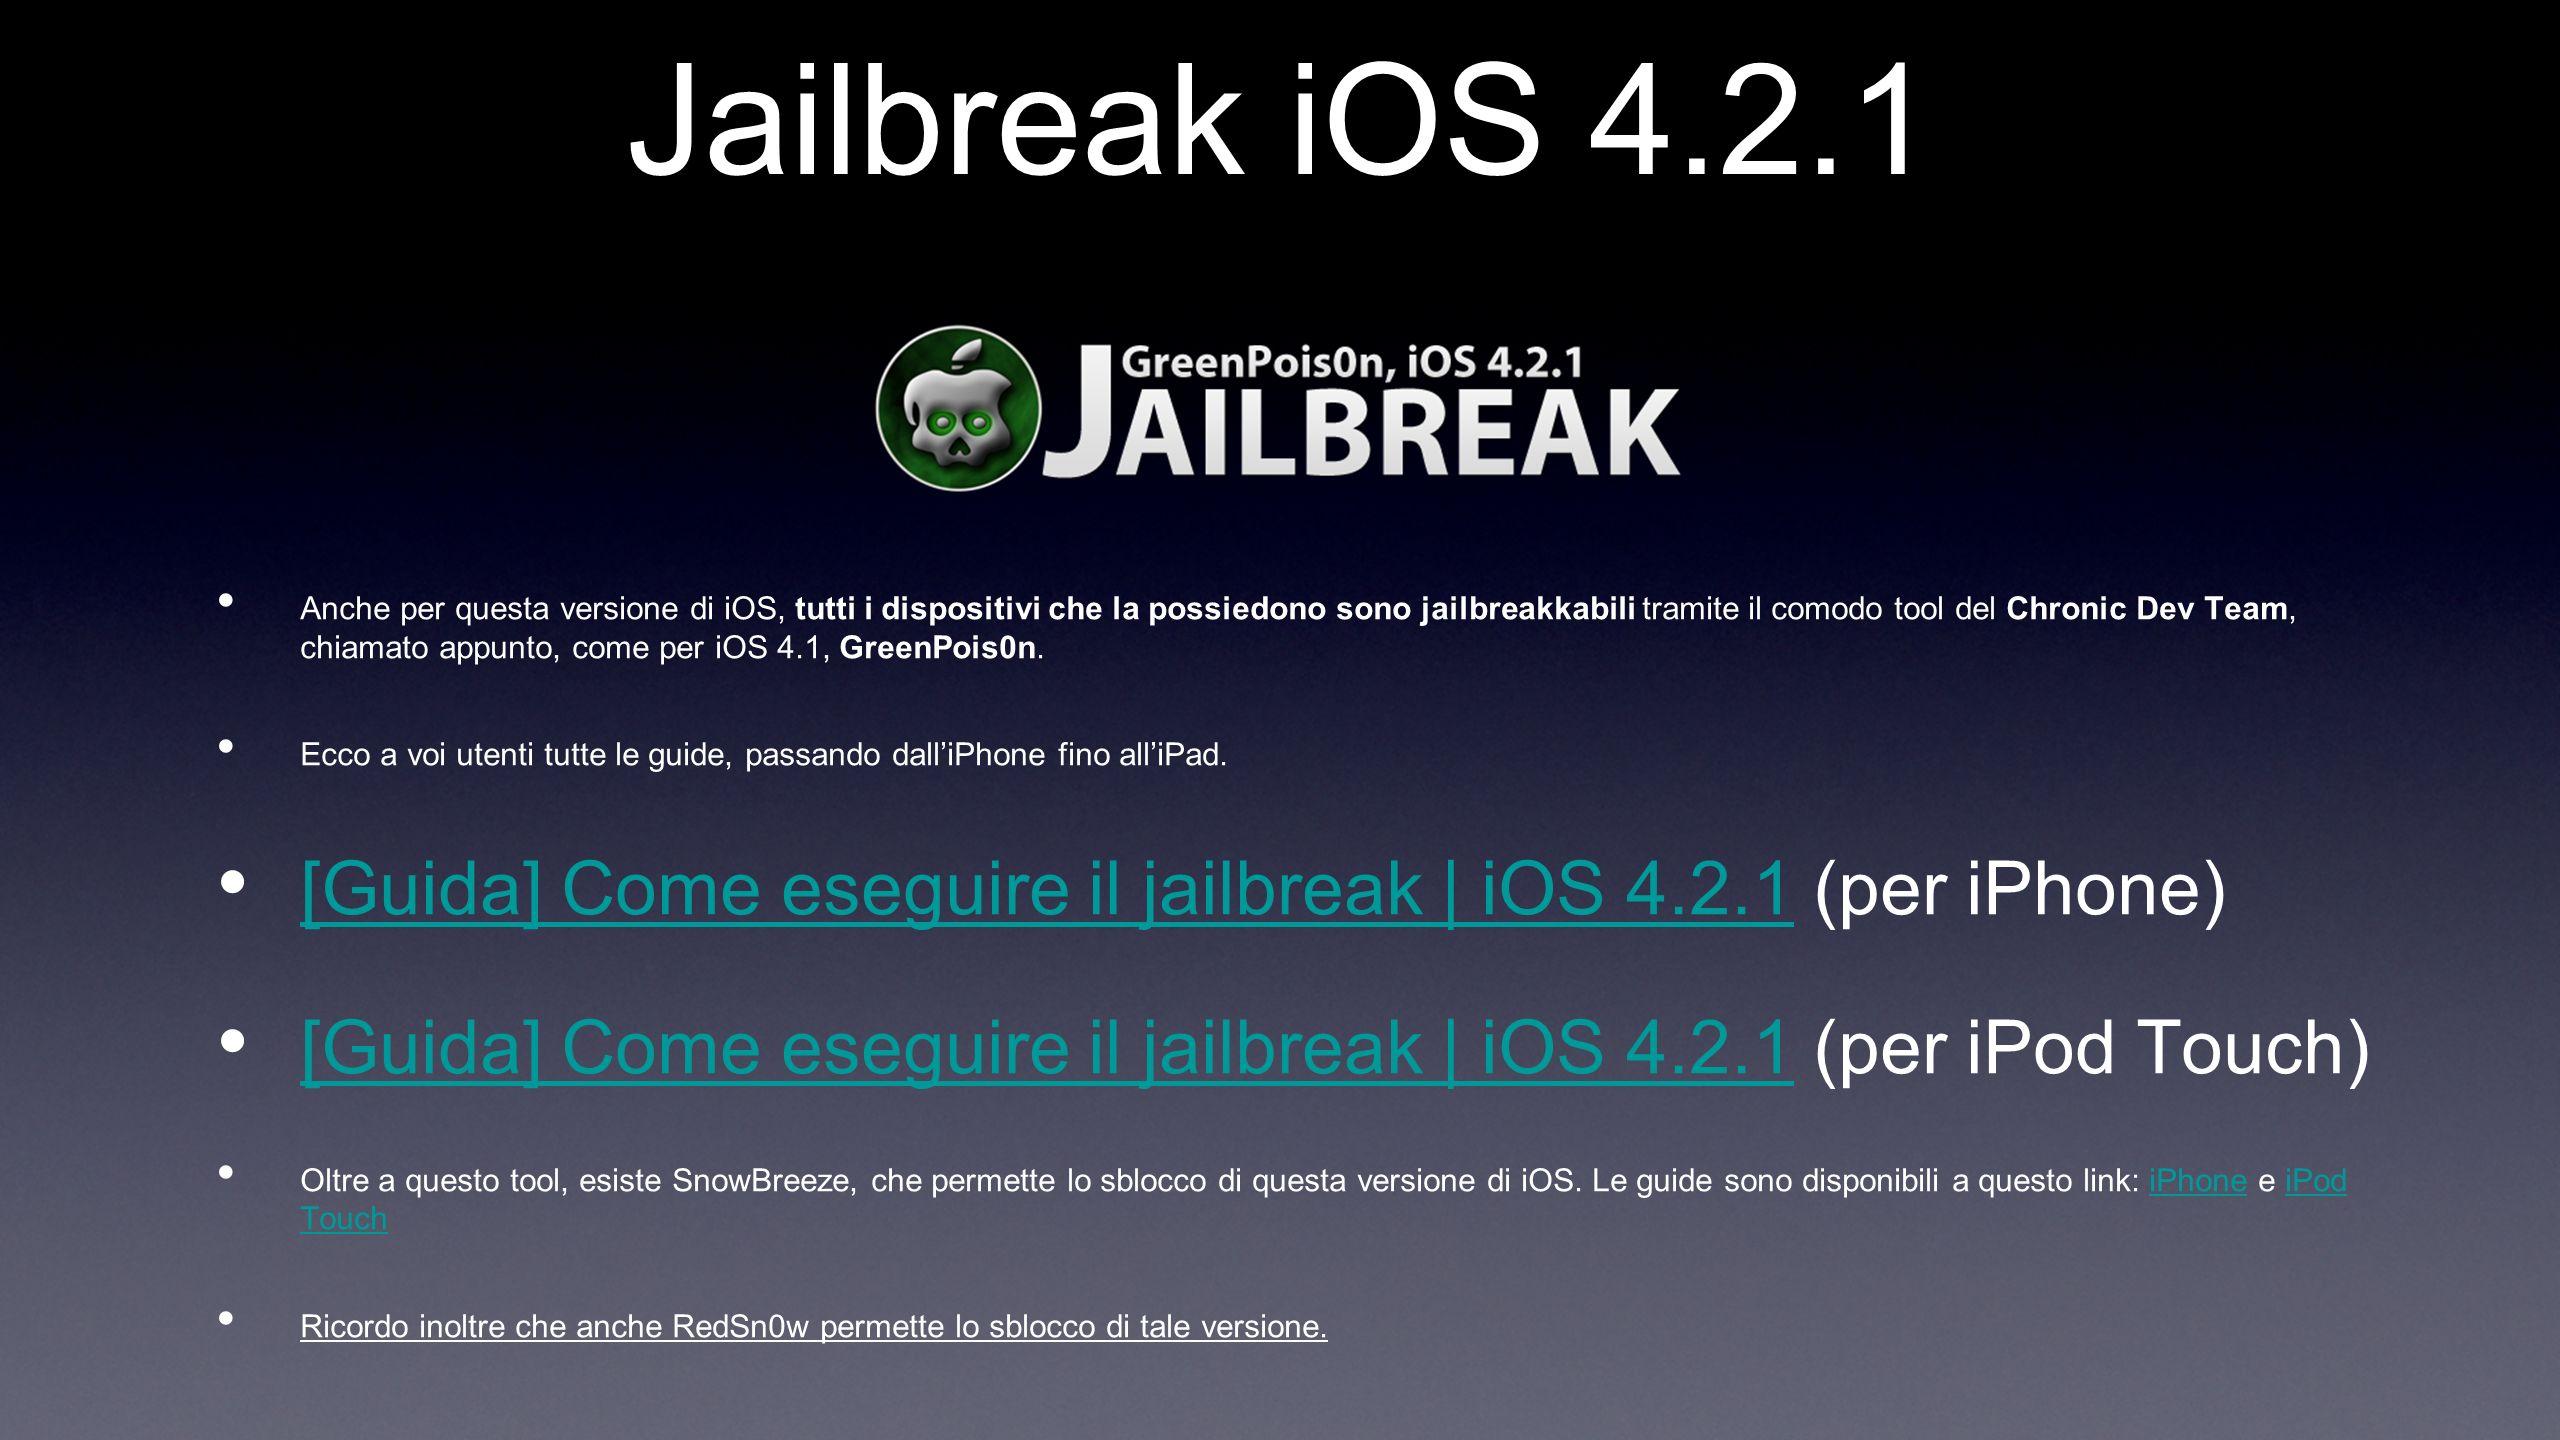 Jailbreak iOS 4.2.1 Anche per questa versione di iOS, tutti i dispositivi che la possiedono sono jailbreakkabili tramite il comodo tool del Chronic Dev Team, chiamato appunto, come per iOS 4.1, GreenPois0n.